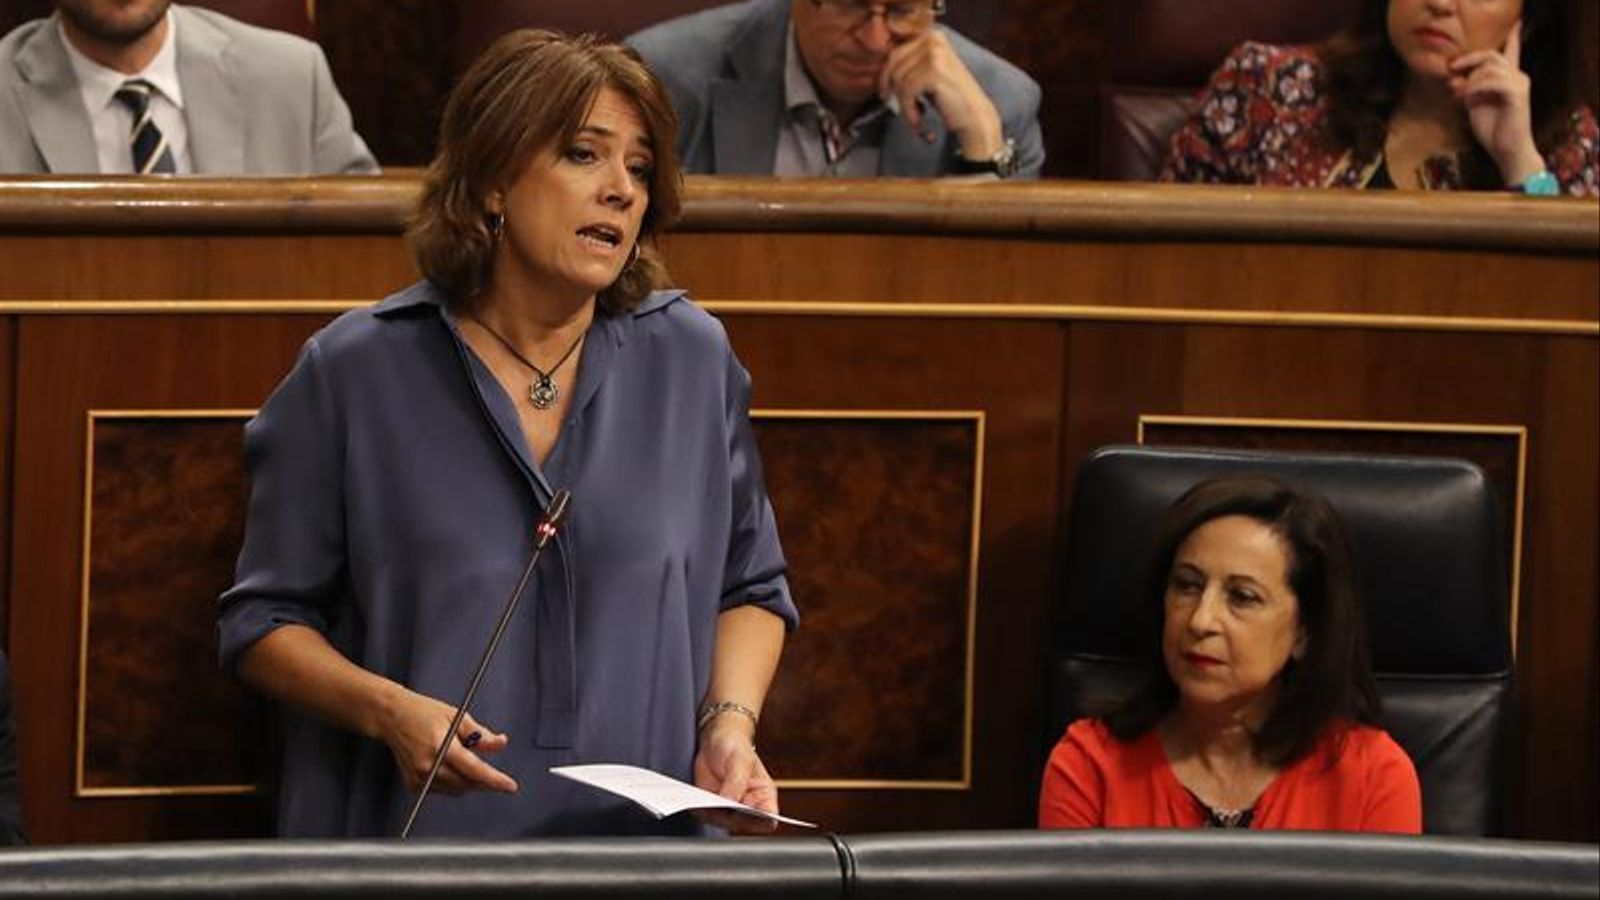 La ministra de Justícia, Dolores Delgado, la setmana passada al Congrés durant la sessió de control.